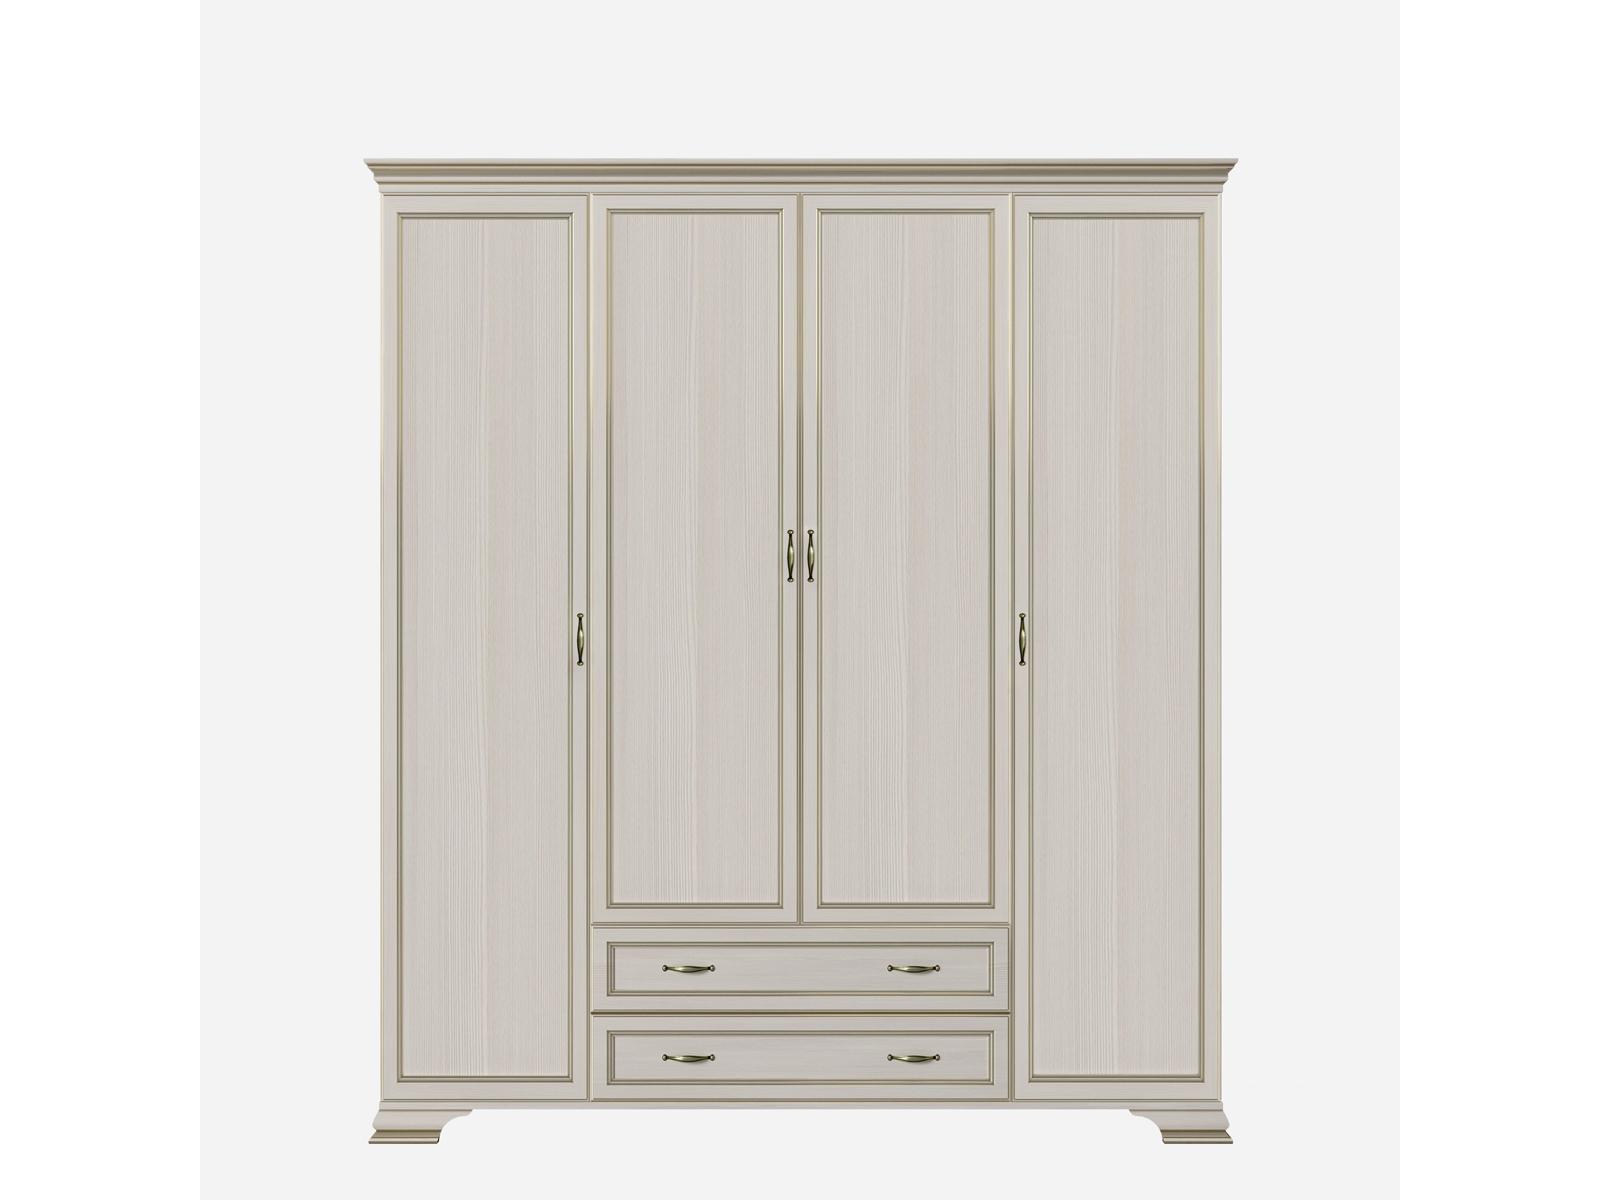 Шкаф четырехдверный (корпус, боковые двери в комплекте) Сиена Кураж